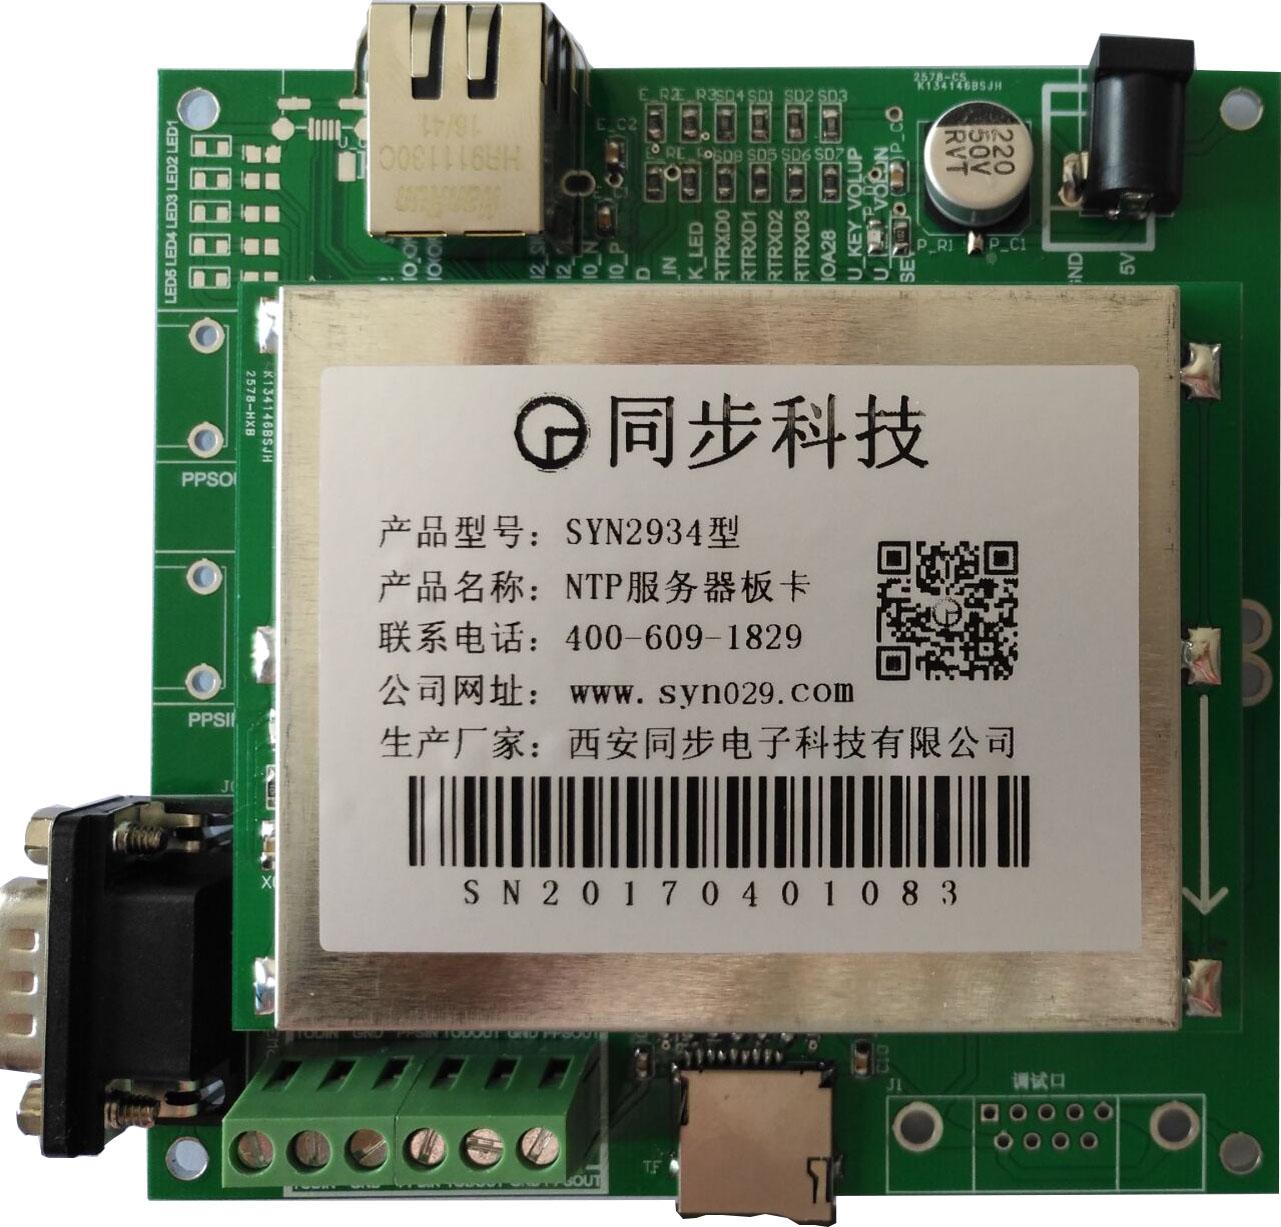 批量销售包邮ntp服务器核心模块 sntp校时卡 ntp千兆网络板2934